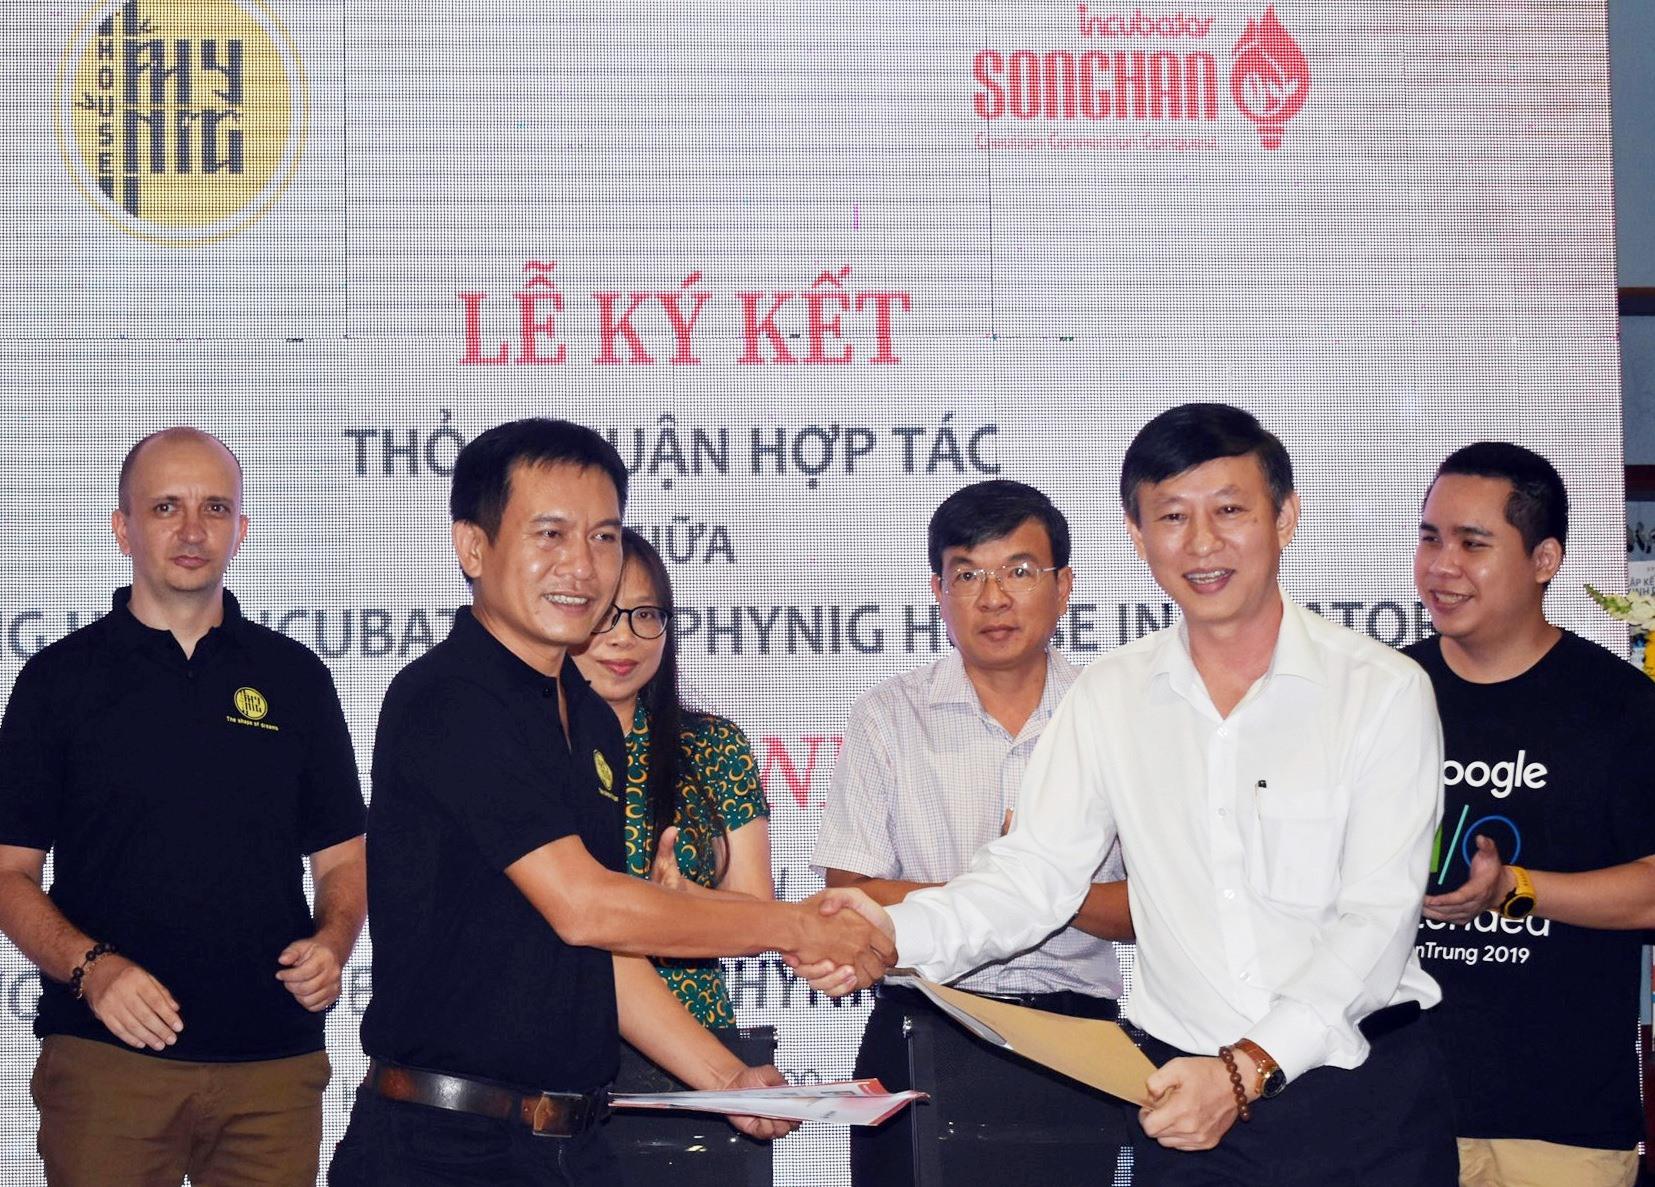 Ký kết thỏa thuận hợp tác giữa Trung tâm Ươm tạo khởi nghiệp Sông Hàn với Phyning House Hội An